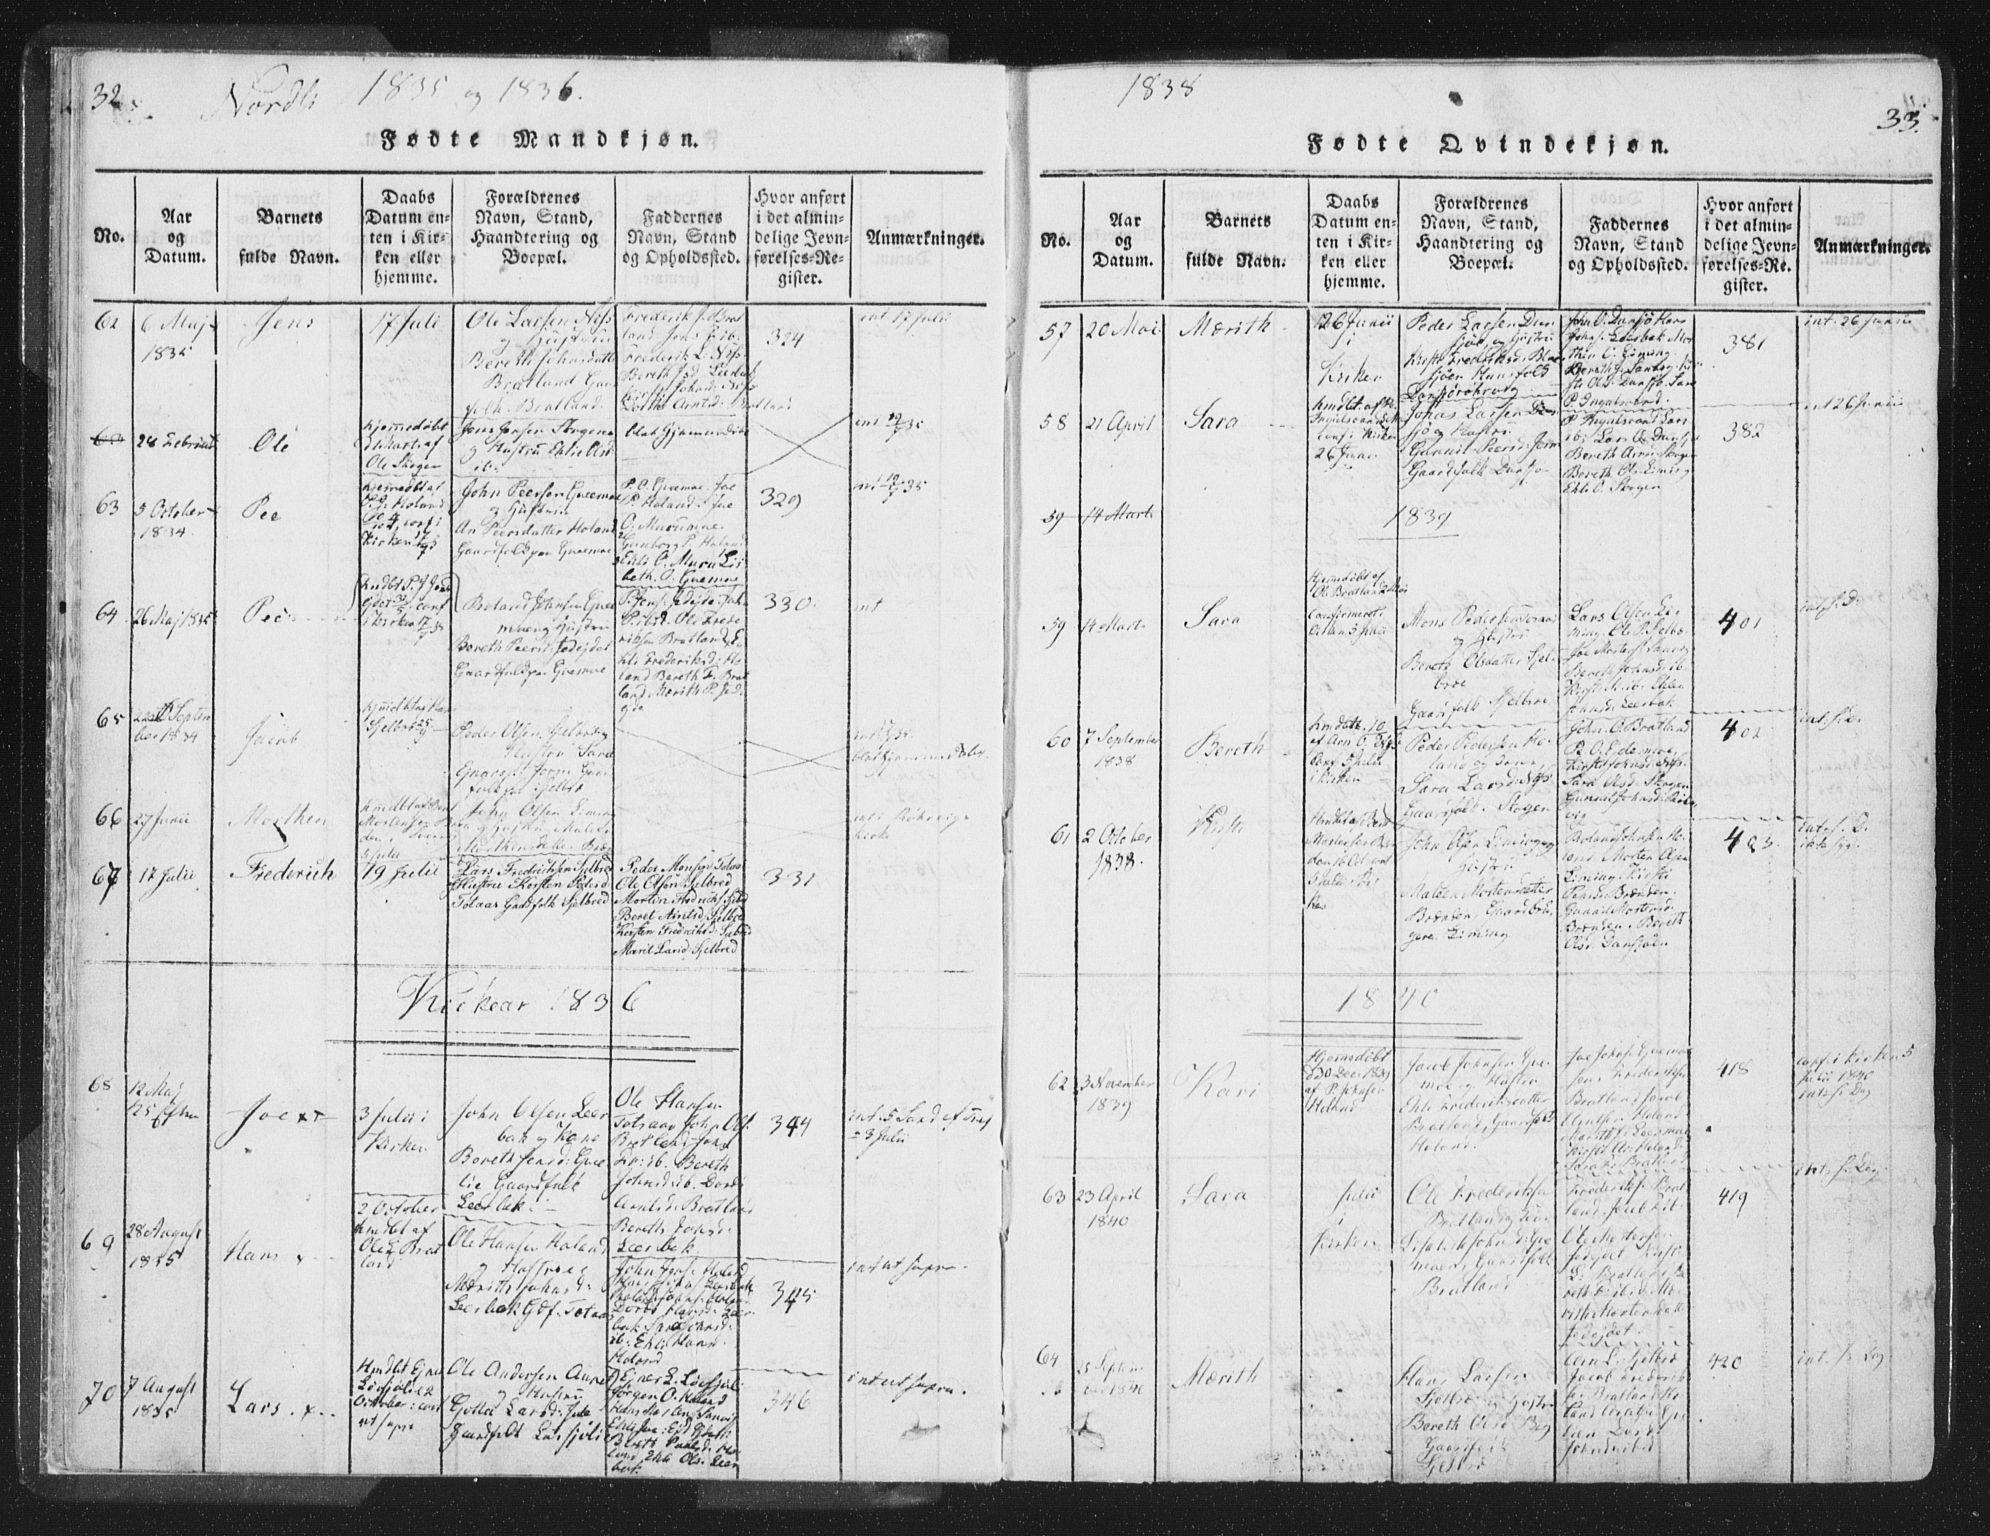 SAT, Ministerialprotokoller, klokkerbøker og fødselsregistre - Nord-Trøndelag, 755/L0491: Ministerialbok nr. 755A01 /1, 1817-1864, s. 32-33